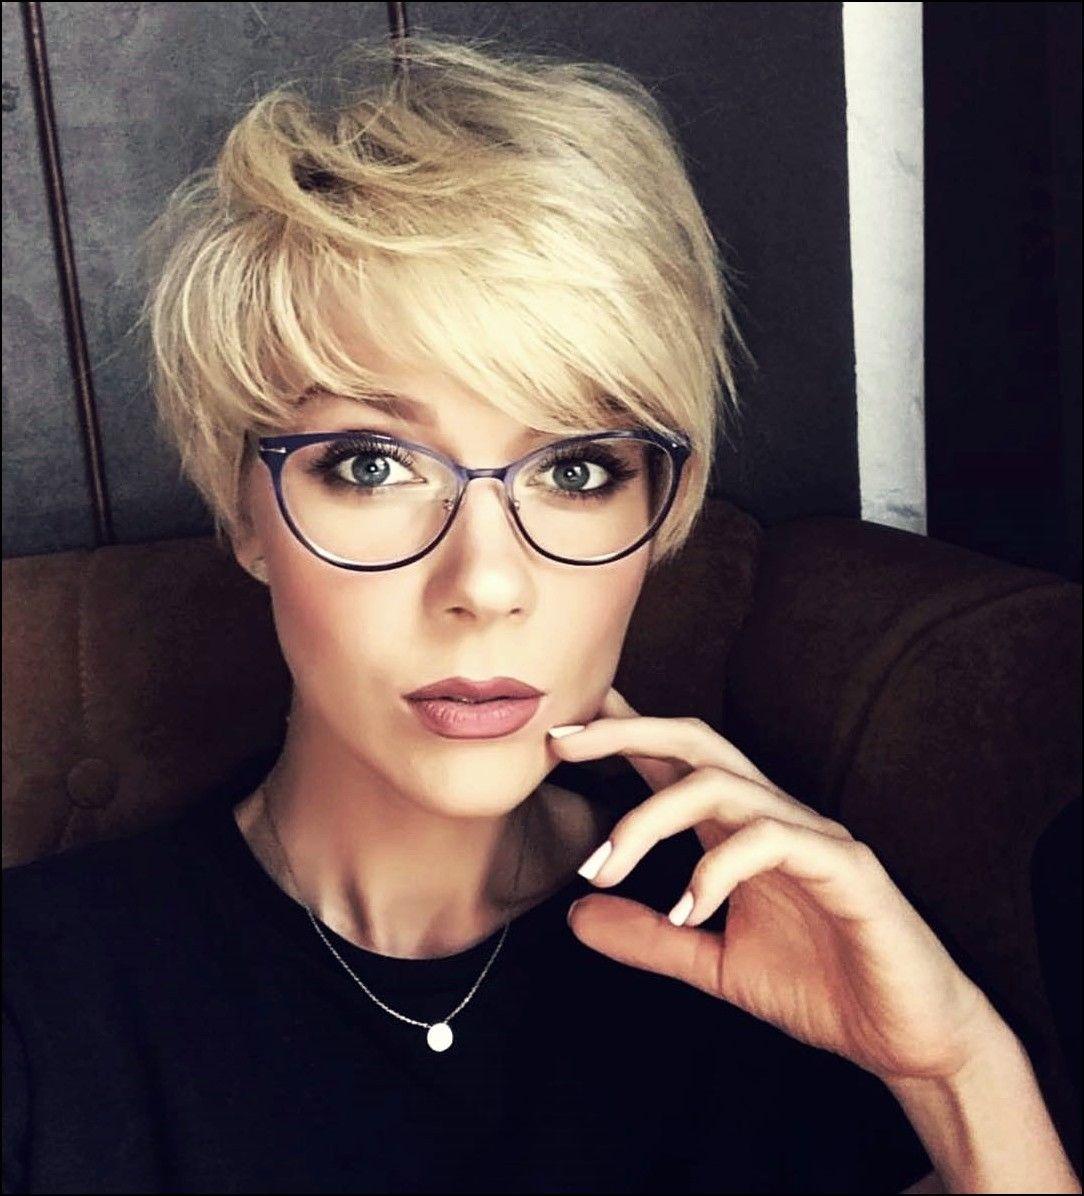 10 Sehr schön kurze Frisuren für Frauen  Trend Bob Frisuren 1019